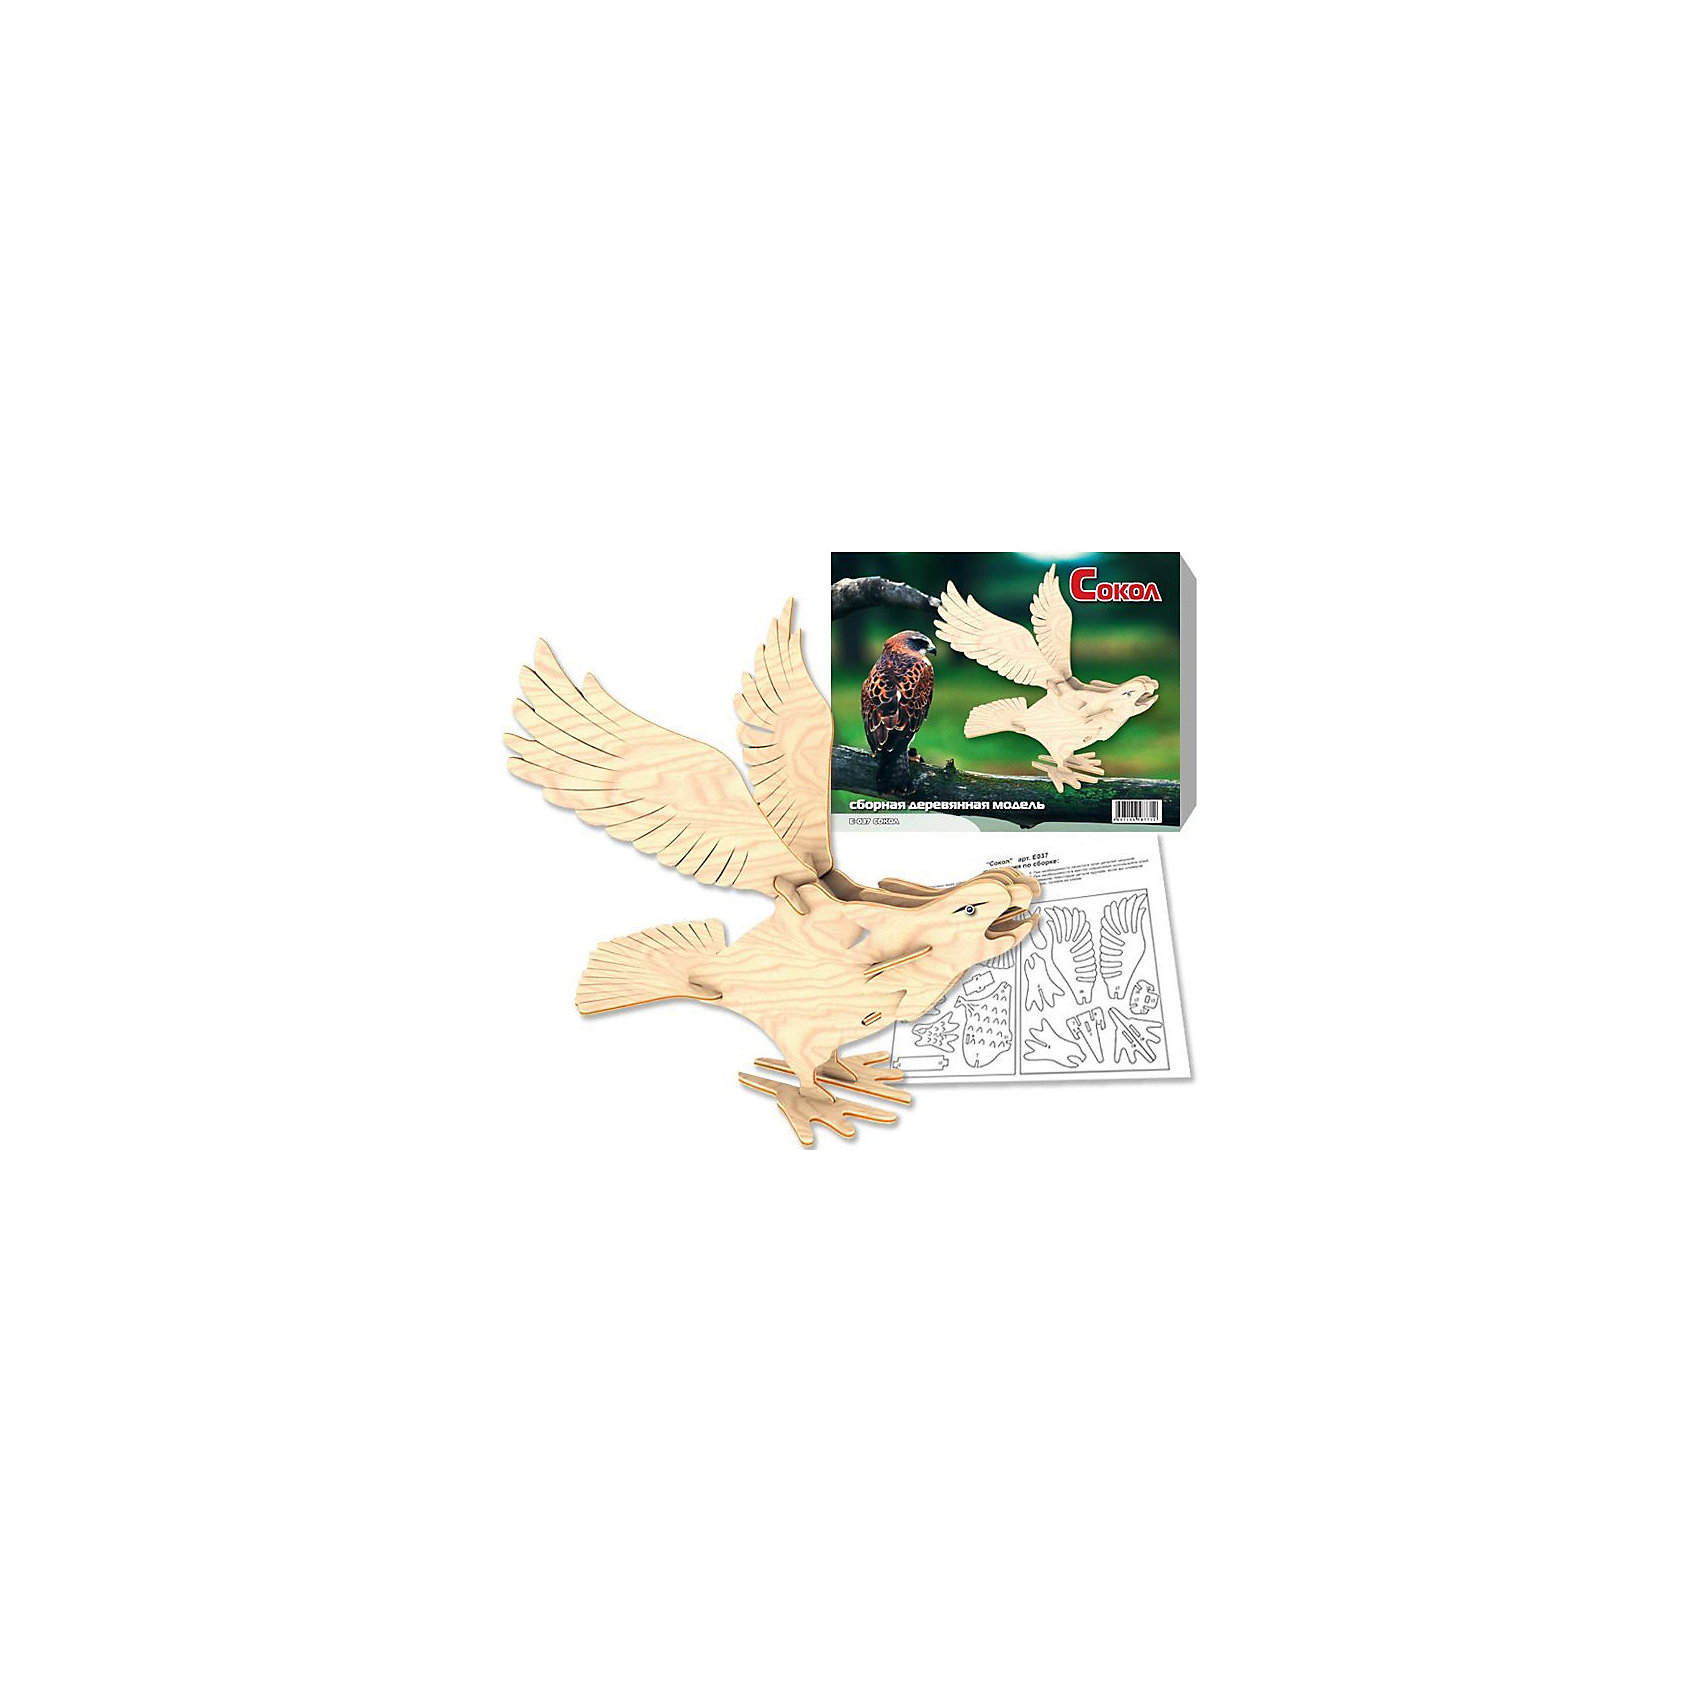 Сокол, Мир деревянных игрушекДеревянные модели<br>Сделать деревянную игрушку самому - какой ребенок откажется от этого?! Специально для любящих творчество и интересующихся животным миром были разработаны эти 3D-пазлы. Из них получаются красивые очень реалистичные фигуры, которые могут стать украшением комнаты.<br>Собирая их, ребенок будет учиться соотносить фигуры, развивать пространственное мышление, память и мелкую моторику. А раскрашивая готовое произведение, дети научатся подбирать цвета и будут развивать художественные навыки. Этот набор произведен из качественных и безопасных для детей материалов - дерево тщательно обработано.<br><br>Дополнительная информация:<br><br>материал: дерево;<br>цвет: бежевый;<br>элементы: пластины с деталями для сборки;<br>размер упаковки: 24 х 19 х 1 см.<br><br>3D-пазл Сокол от бренда Мир деревянных игрушек можно купить в нашем магазине.<br><br>Ширина мм: 220<br>Глубина мм: 30<br>Высота мм: 180<br>Вес г: 200<br>Возраст от месяцев: 36<br>Возраст до месяцев: 144<br>Пол: Унисекс<br>Возраст: Детский<br>SKU: 4969025